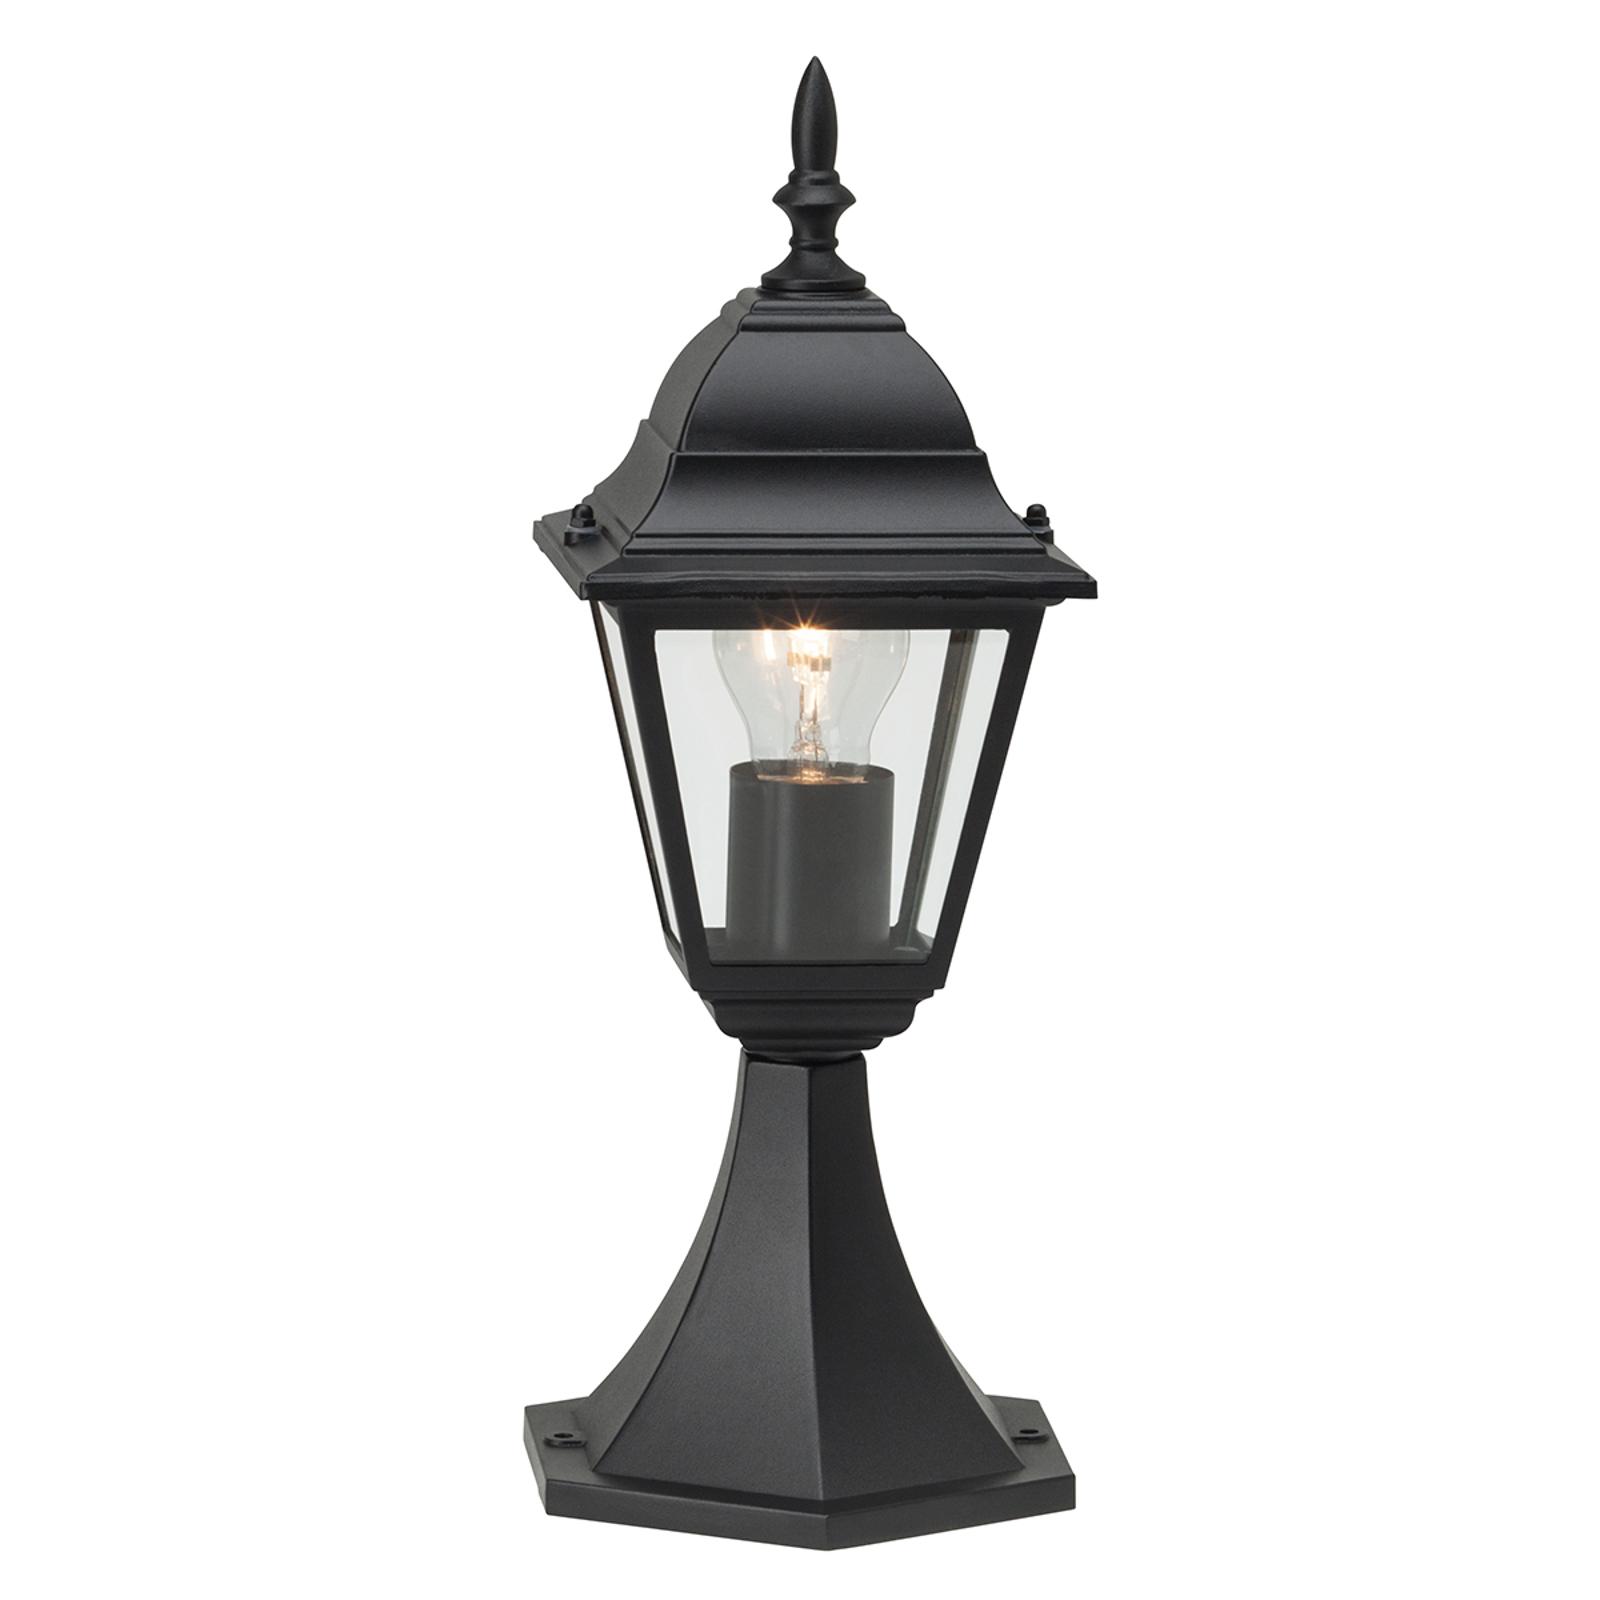 Sokkellamp Newport